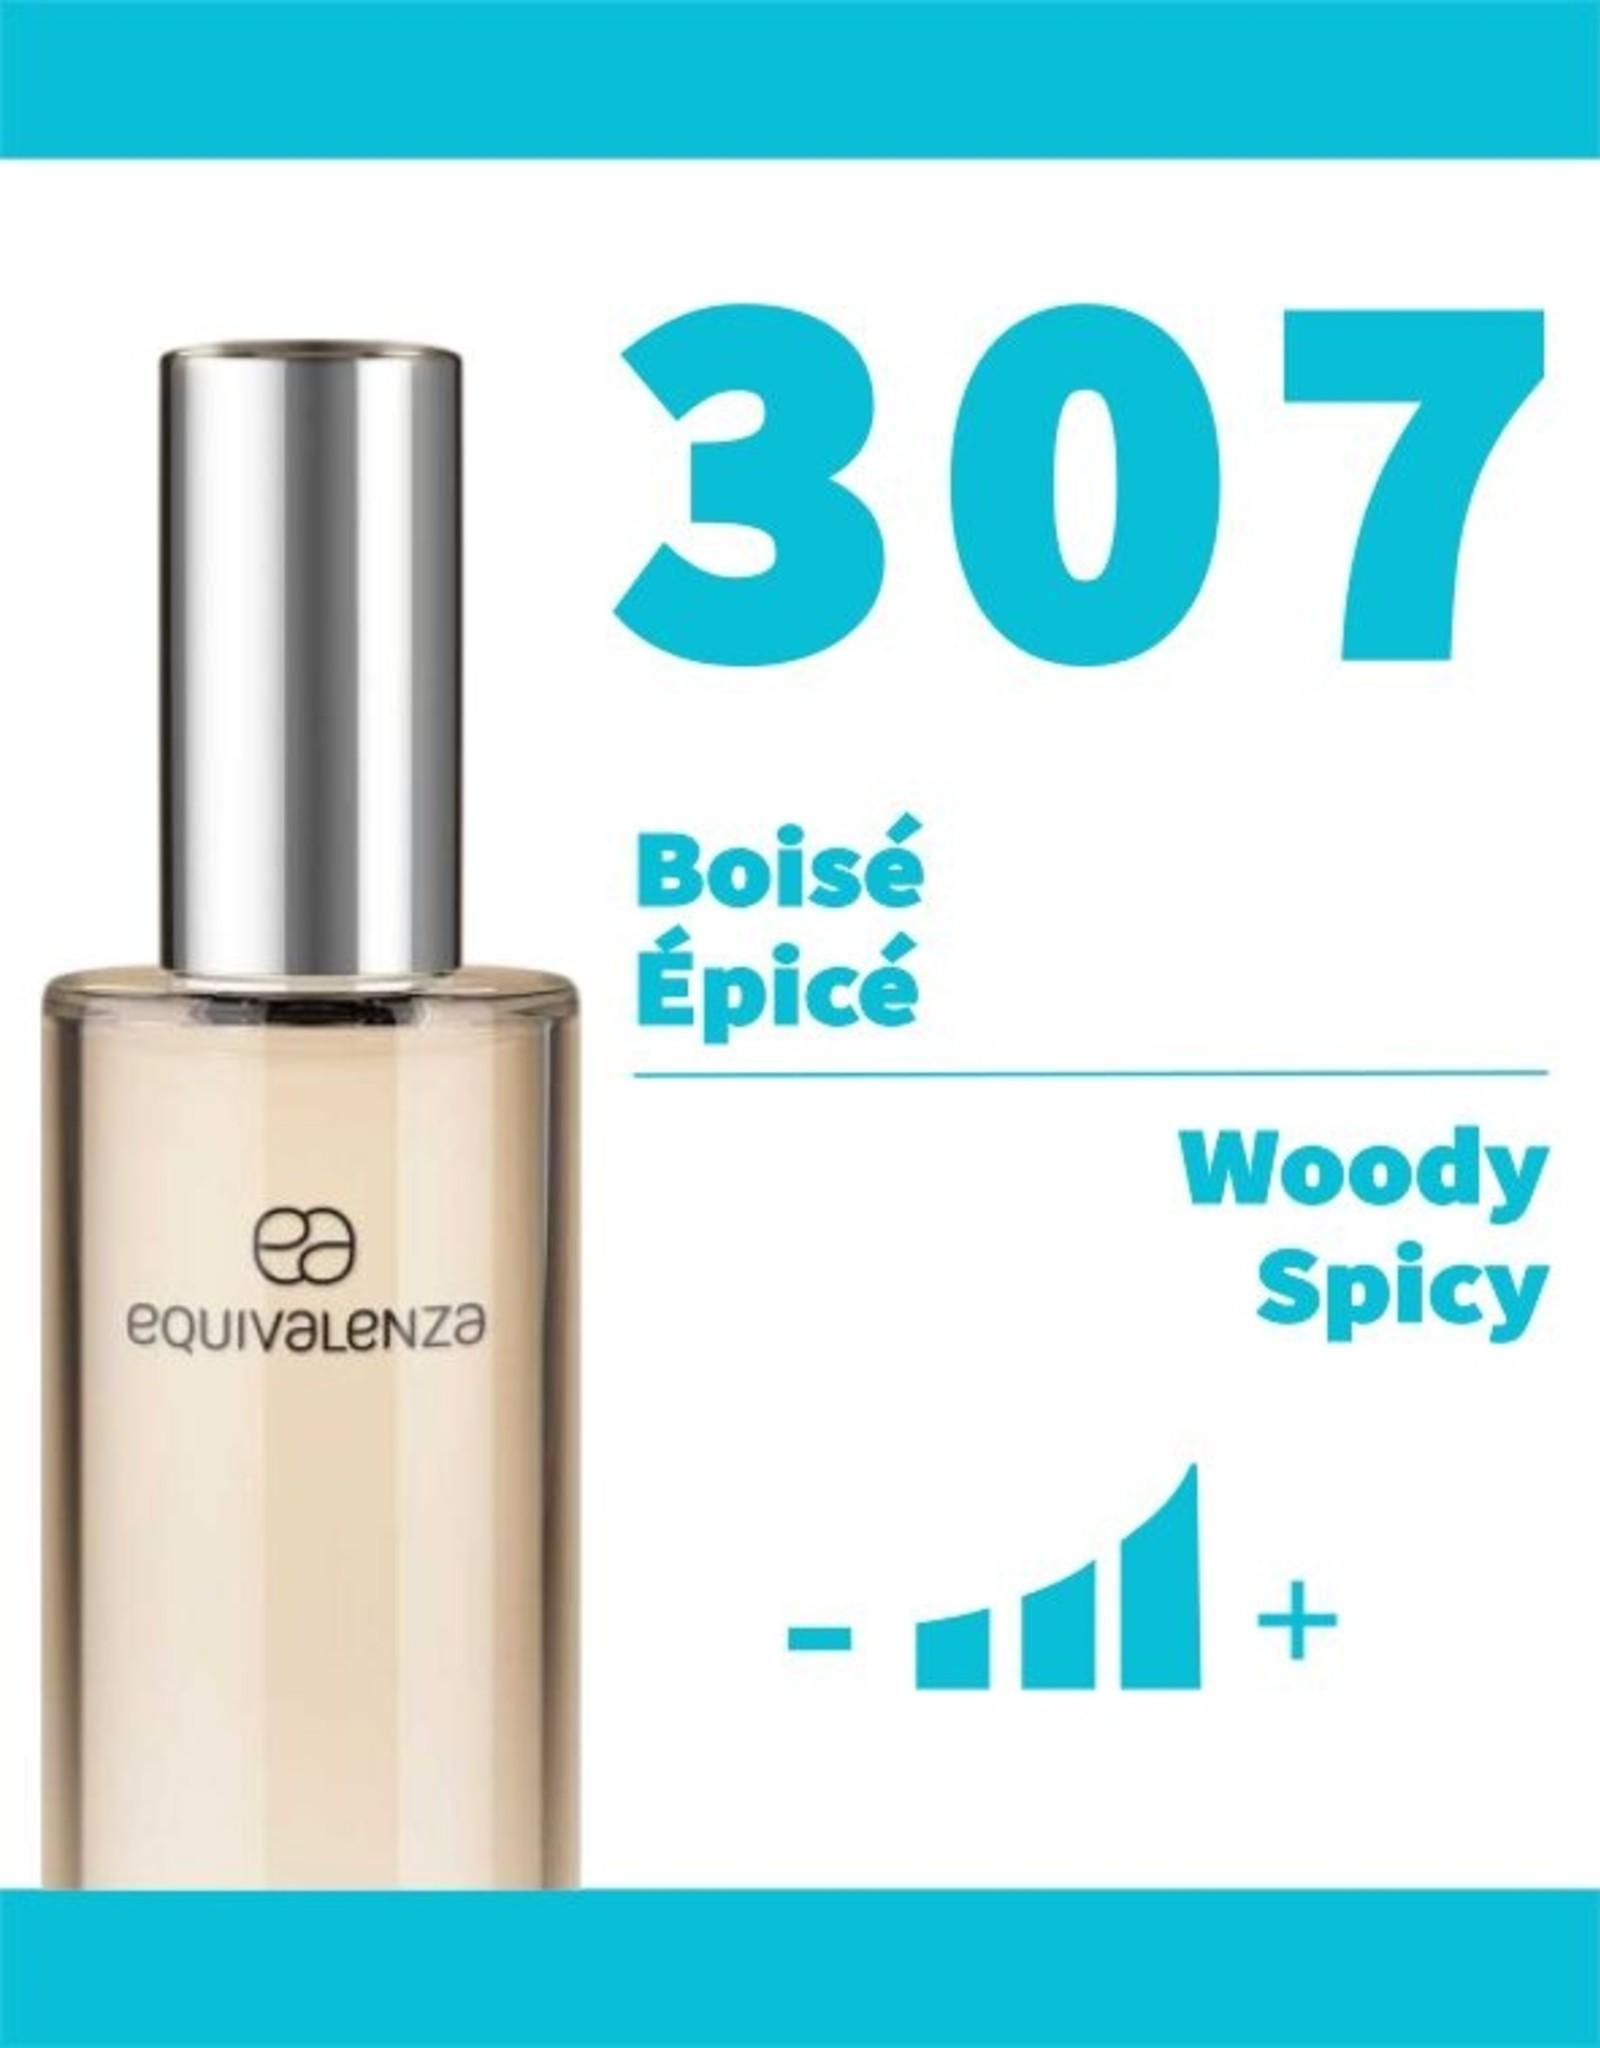 Equivalenza Eau de Parfum Woody Spicy 307